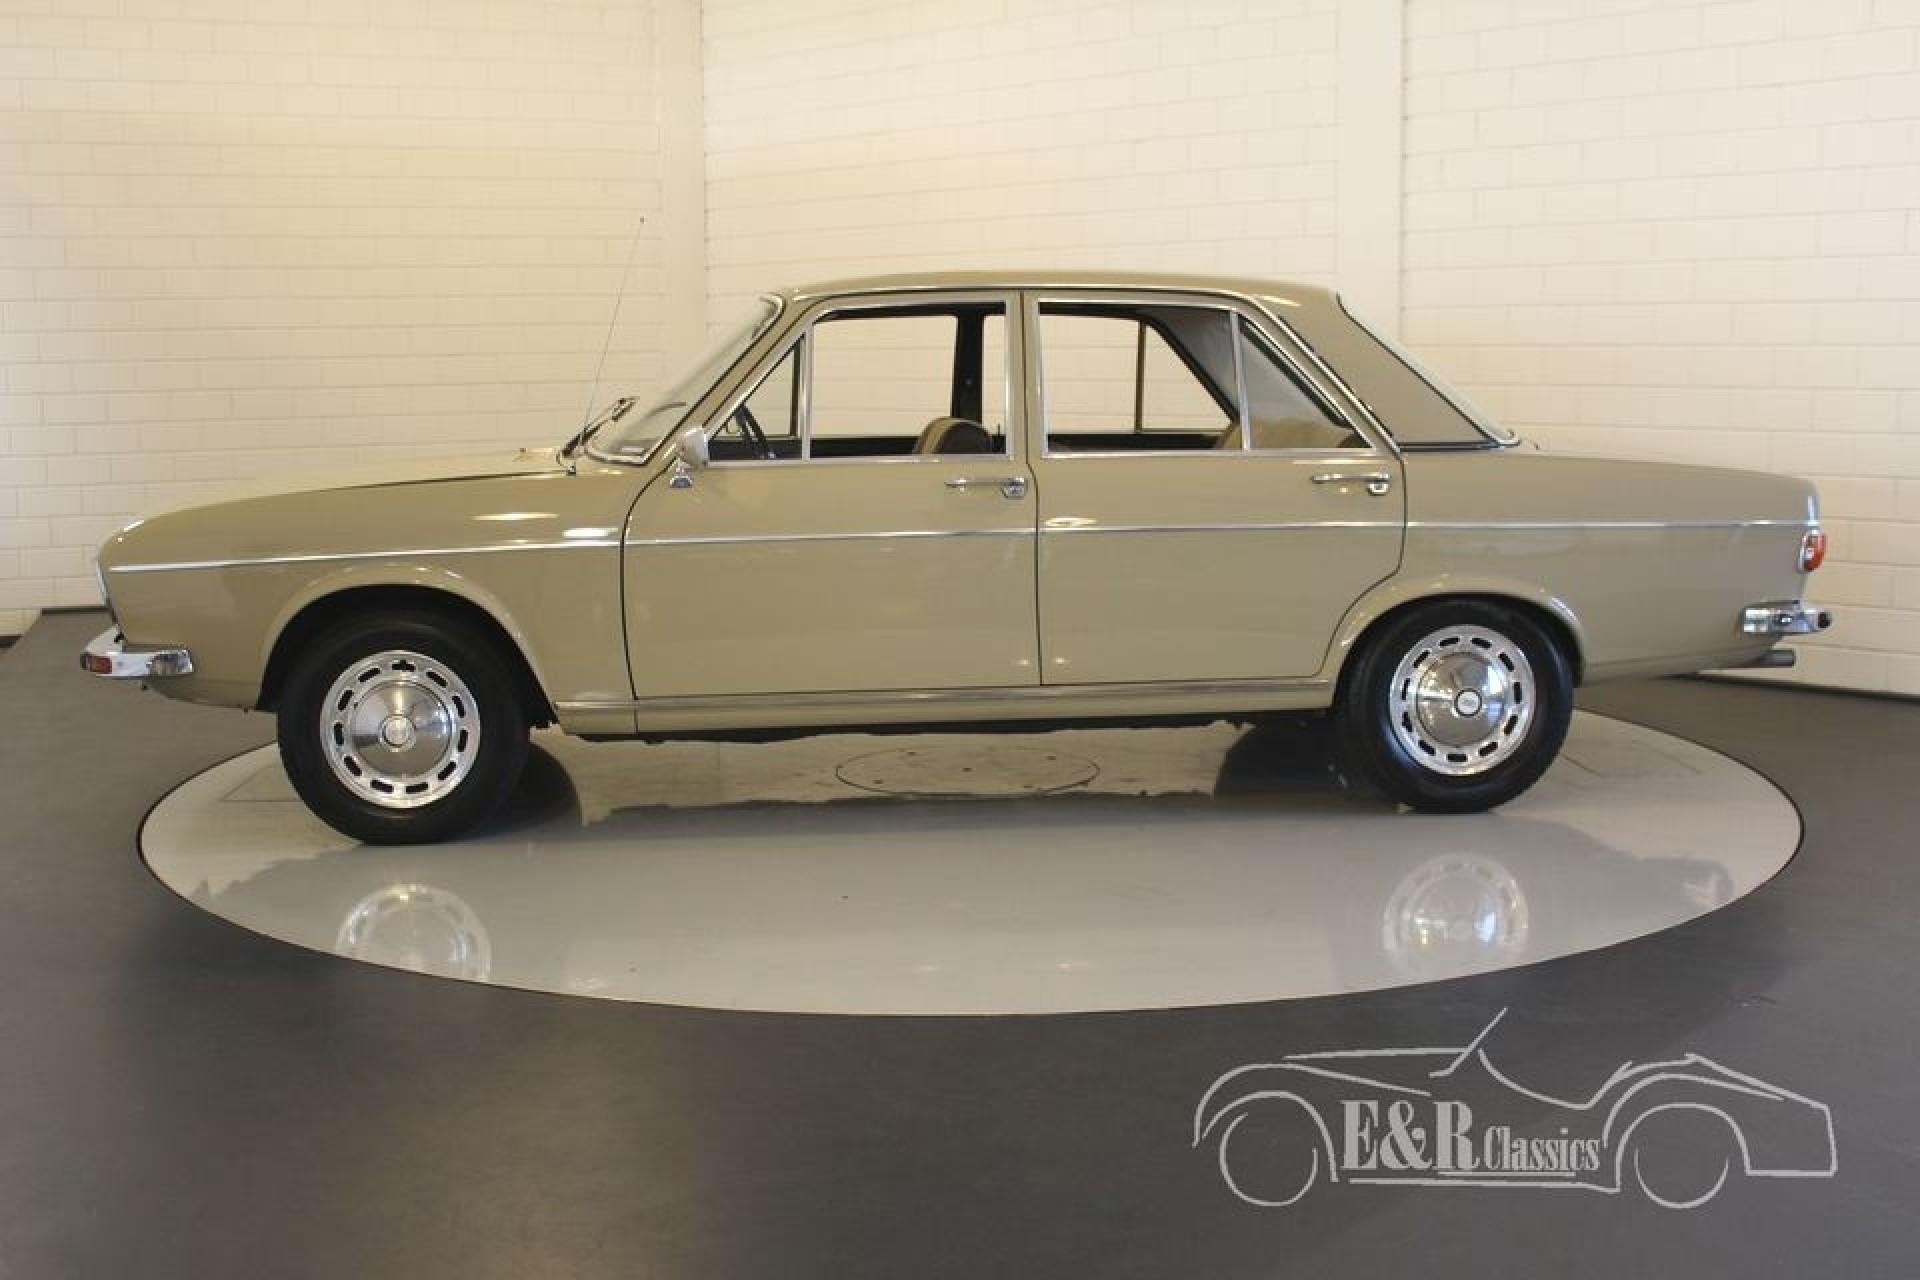 Audi 100 LS 1973 erclassics com audi-100ls-1973-a3396-019